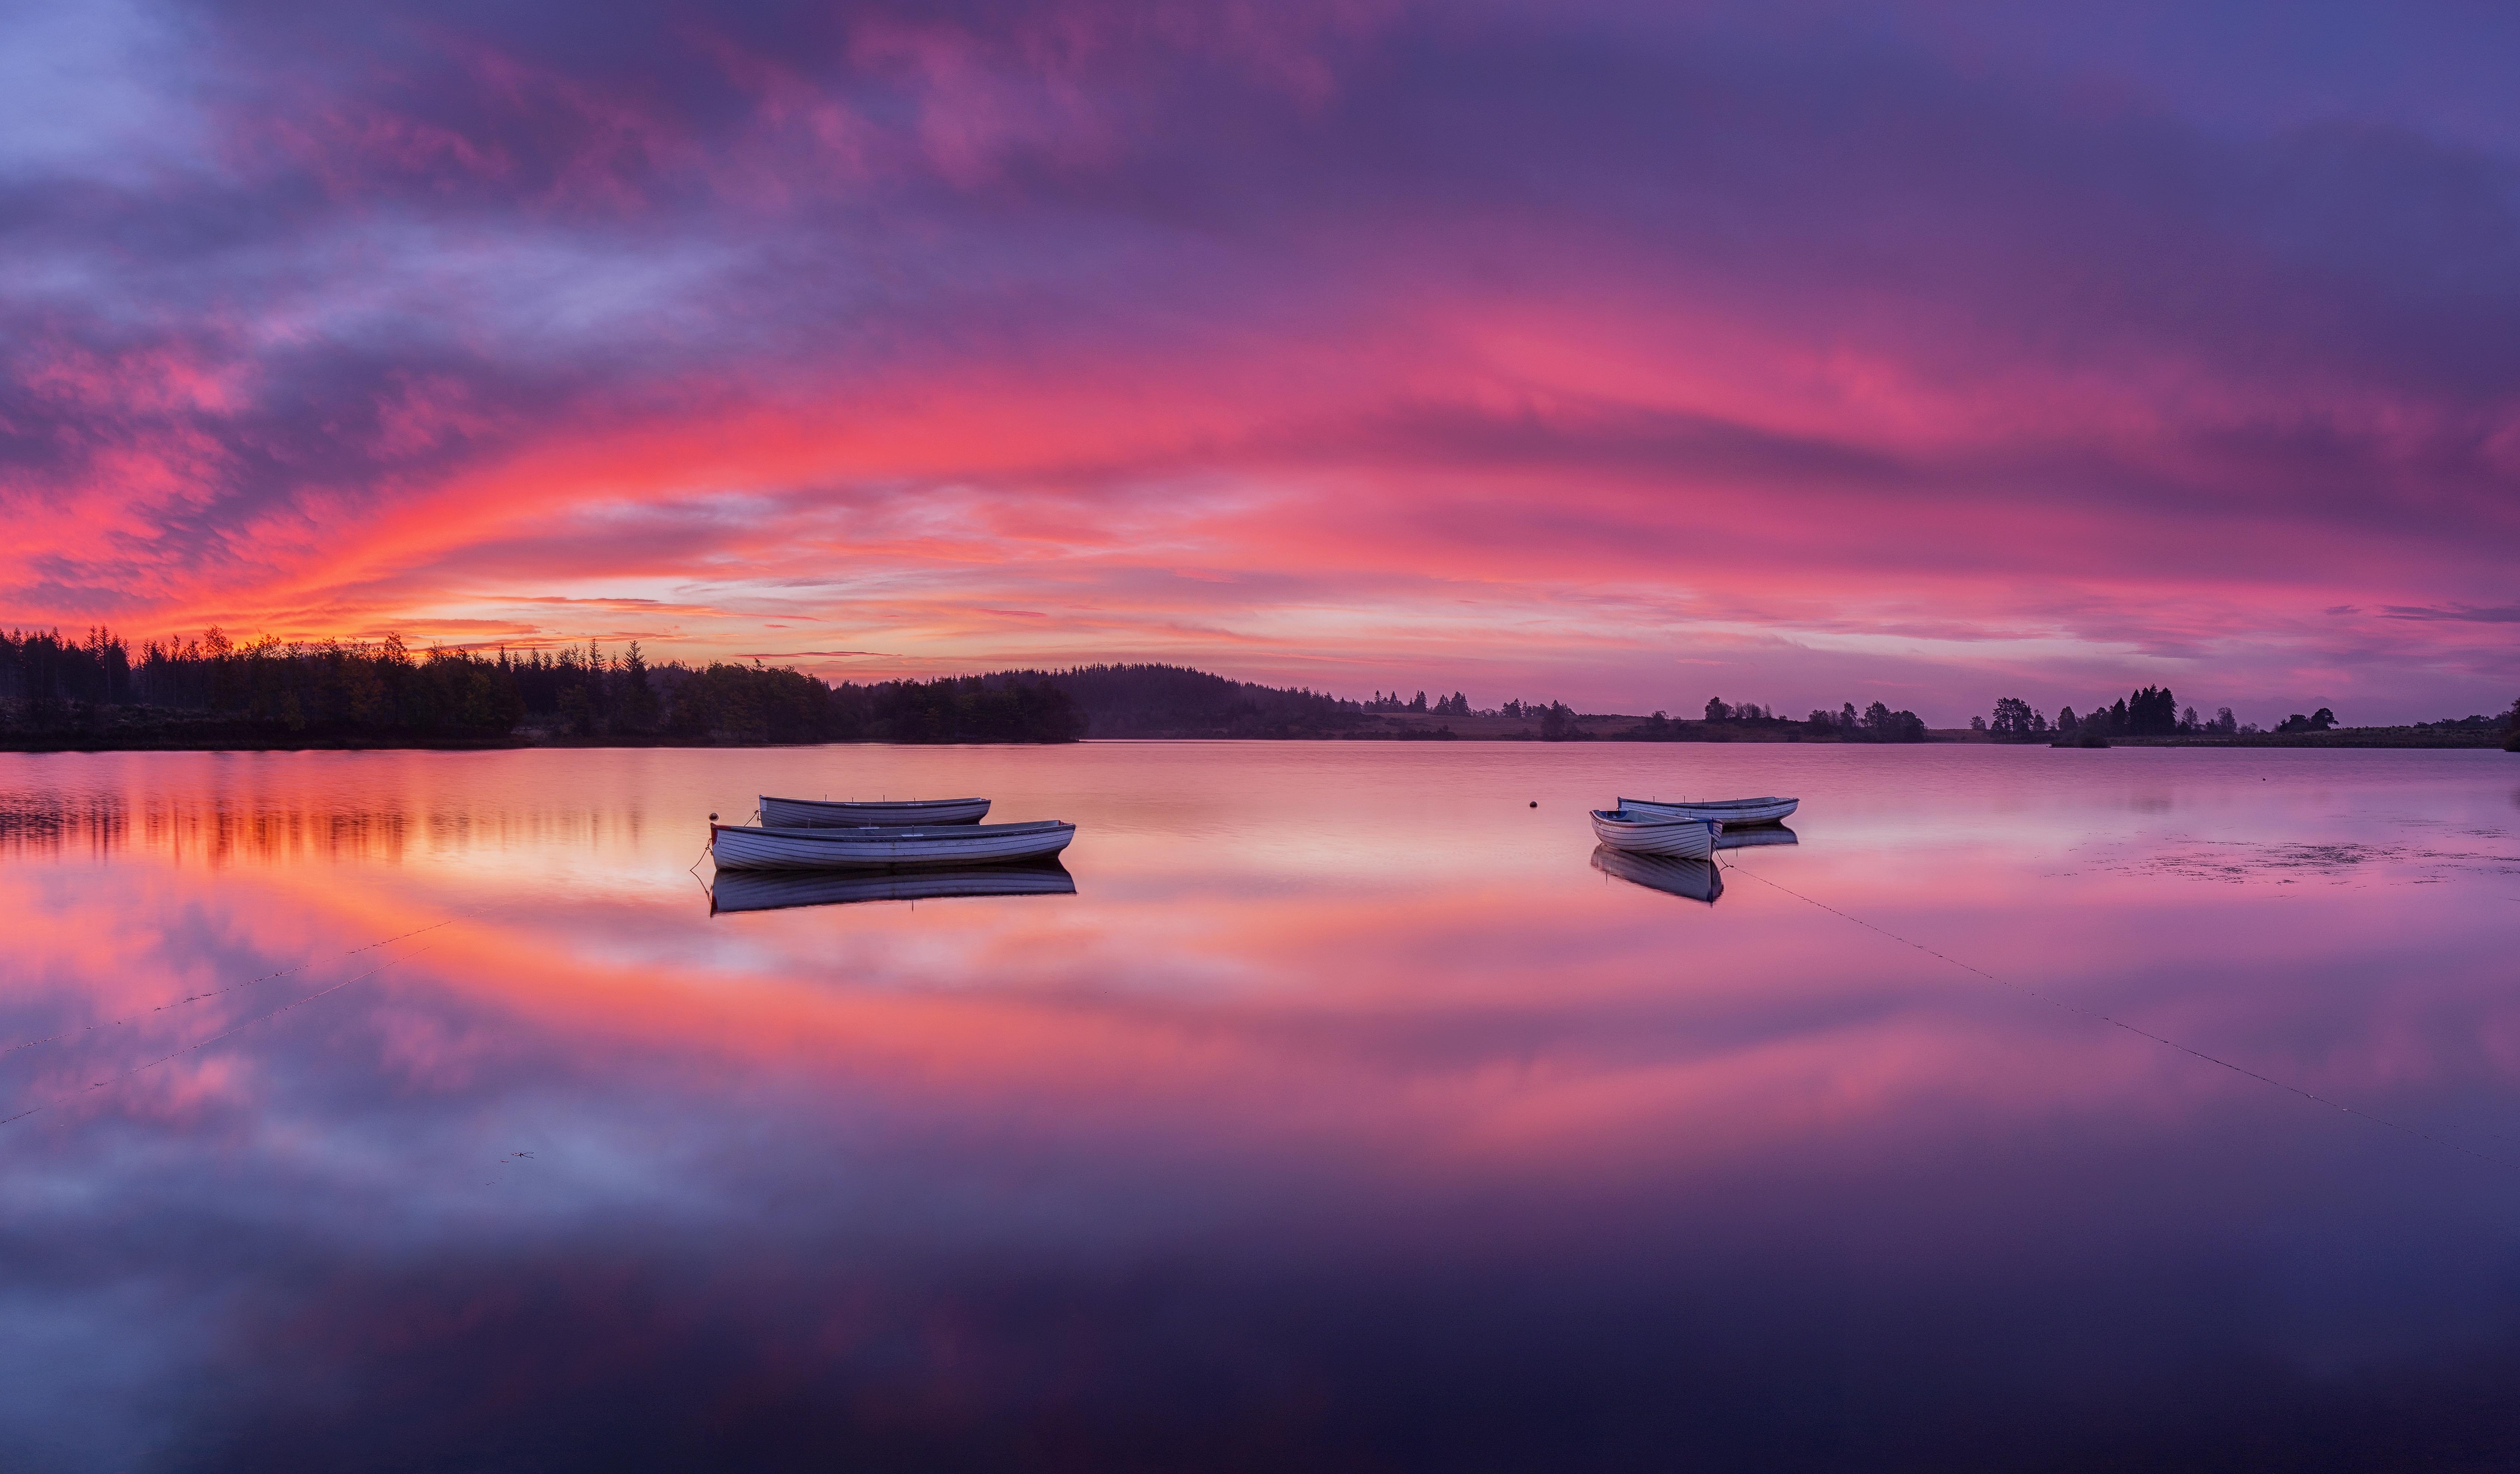 99152 Заставки и Обои Лодки на телефон. Скачать Природа, Озеро, Лодки, Рассвет, Шотландия, Лох-Ломонд, Троссахс картинки бесплатно